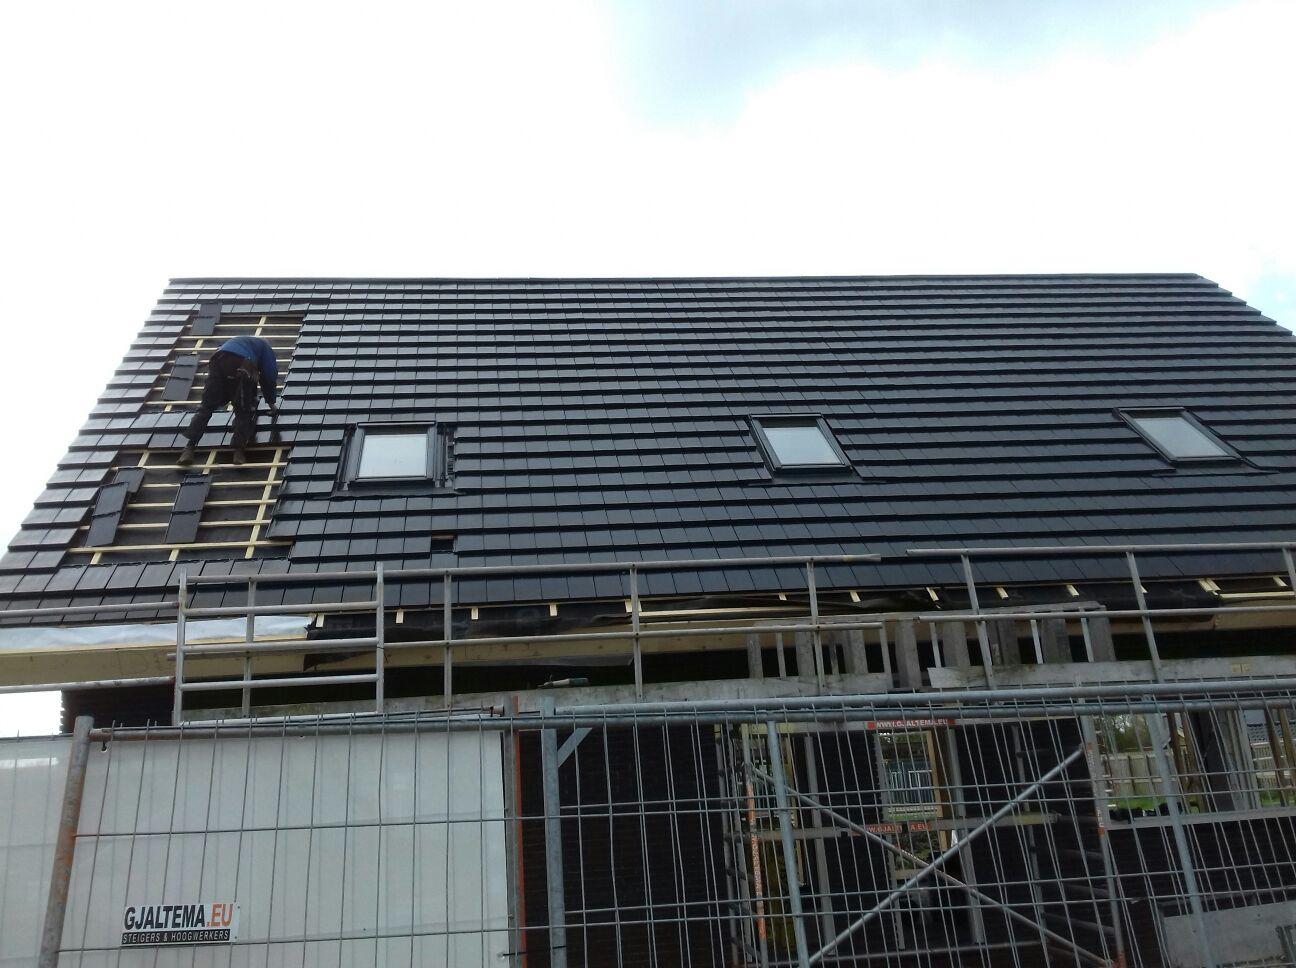 Nieuwbouw dakpannen PDK Kootstertille